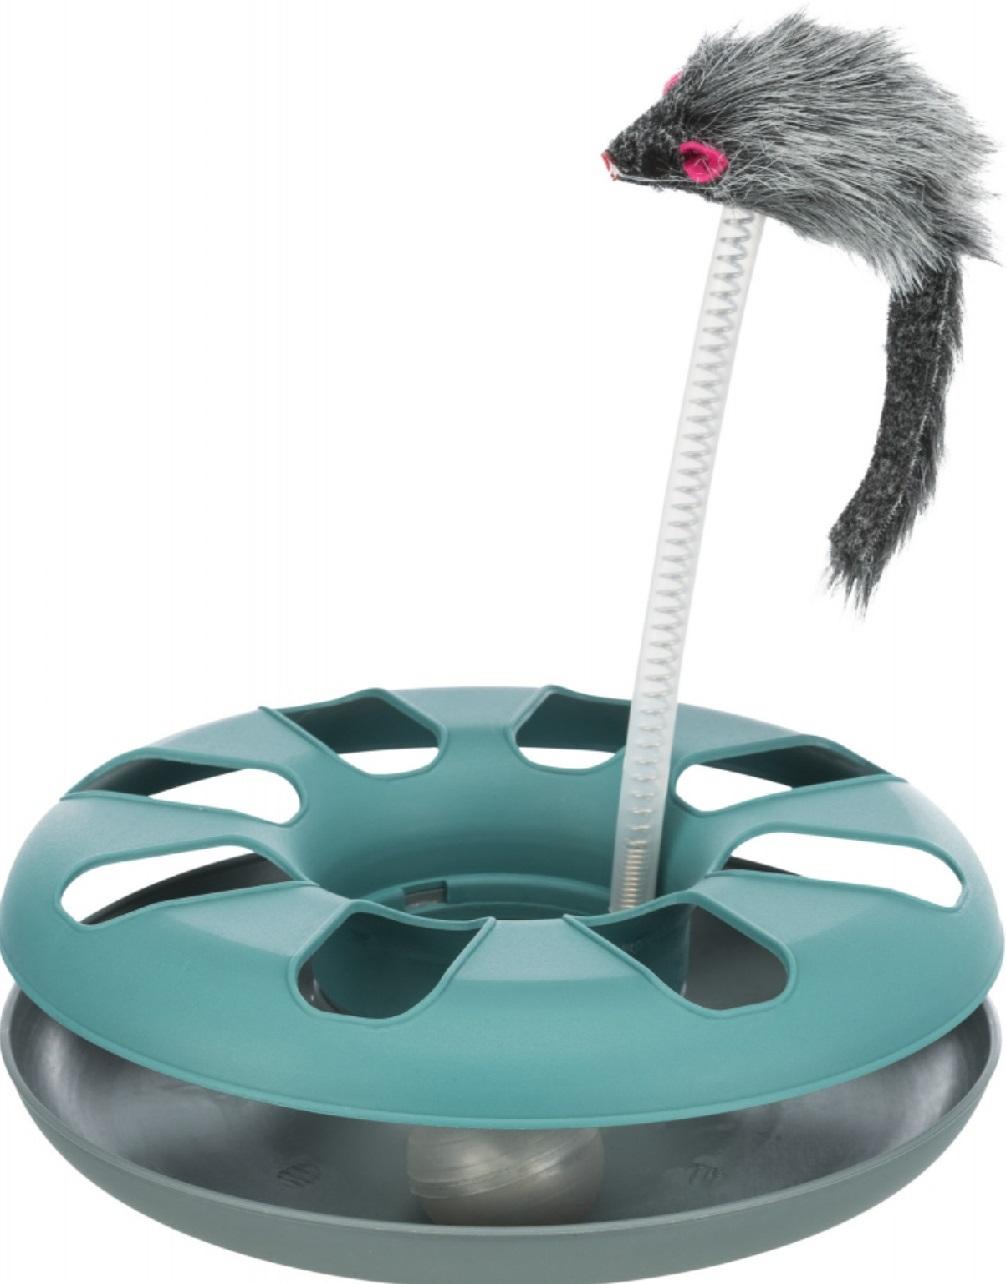 Трикси Игрушка-трек с мышкой, диамер 24 см, высота 29 см, цвета в ассортименте, Trixie